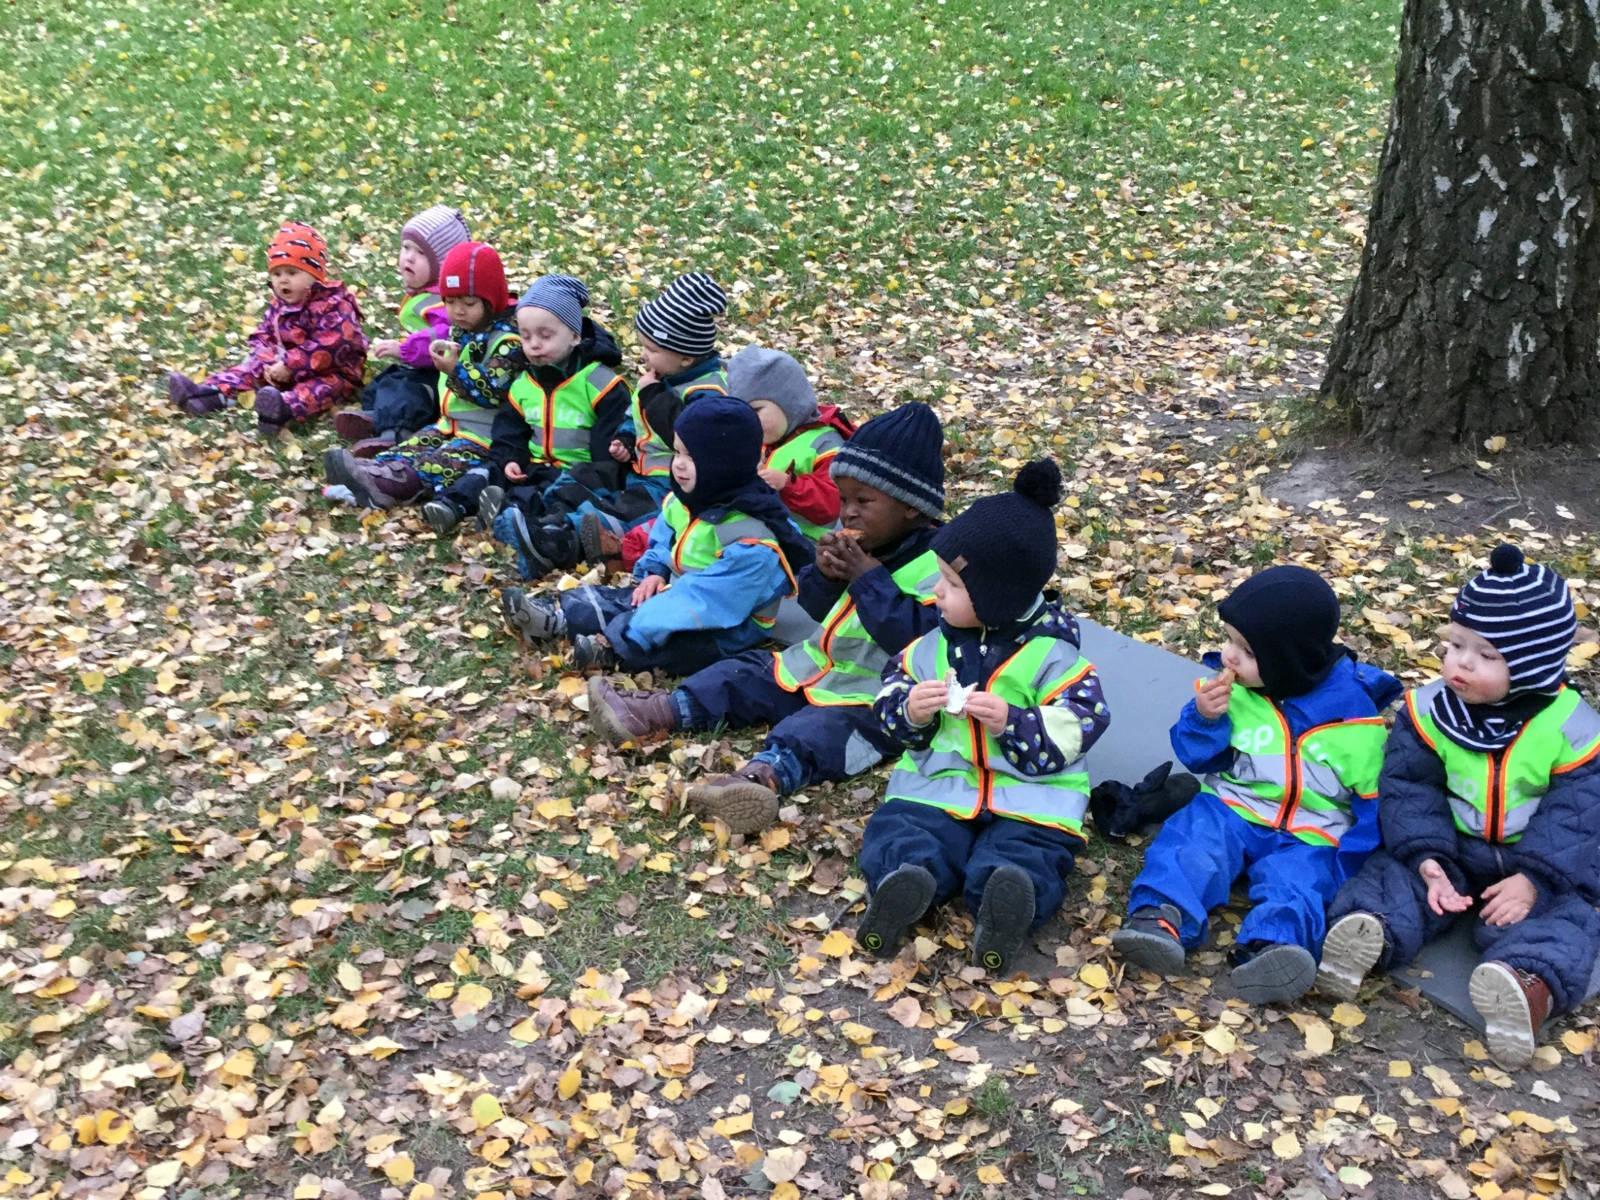 大部分挪威兒童一歲就開始上全日制幼稚園,無縫接替父母在一年產假過後照顧幼兒。